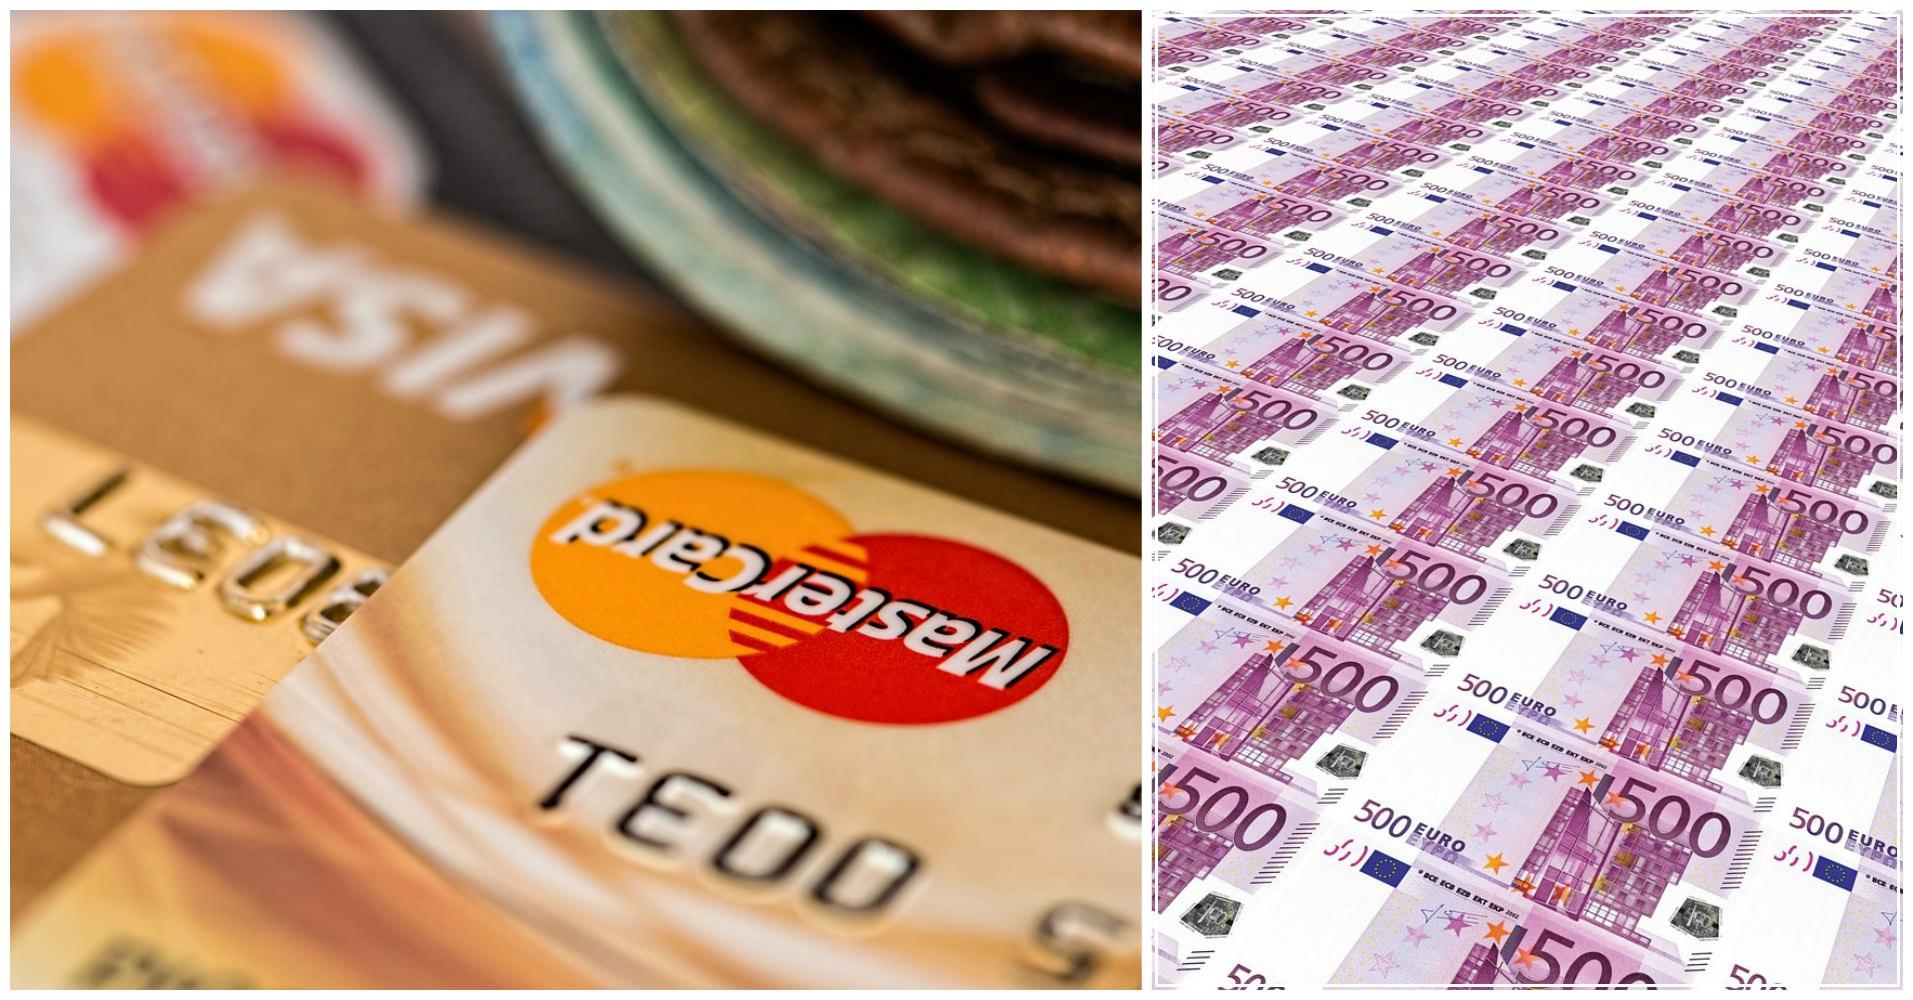 Деньги. Евро. Купюры. Мастеркард